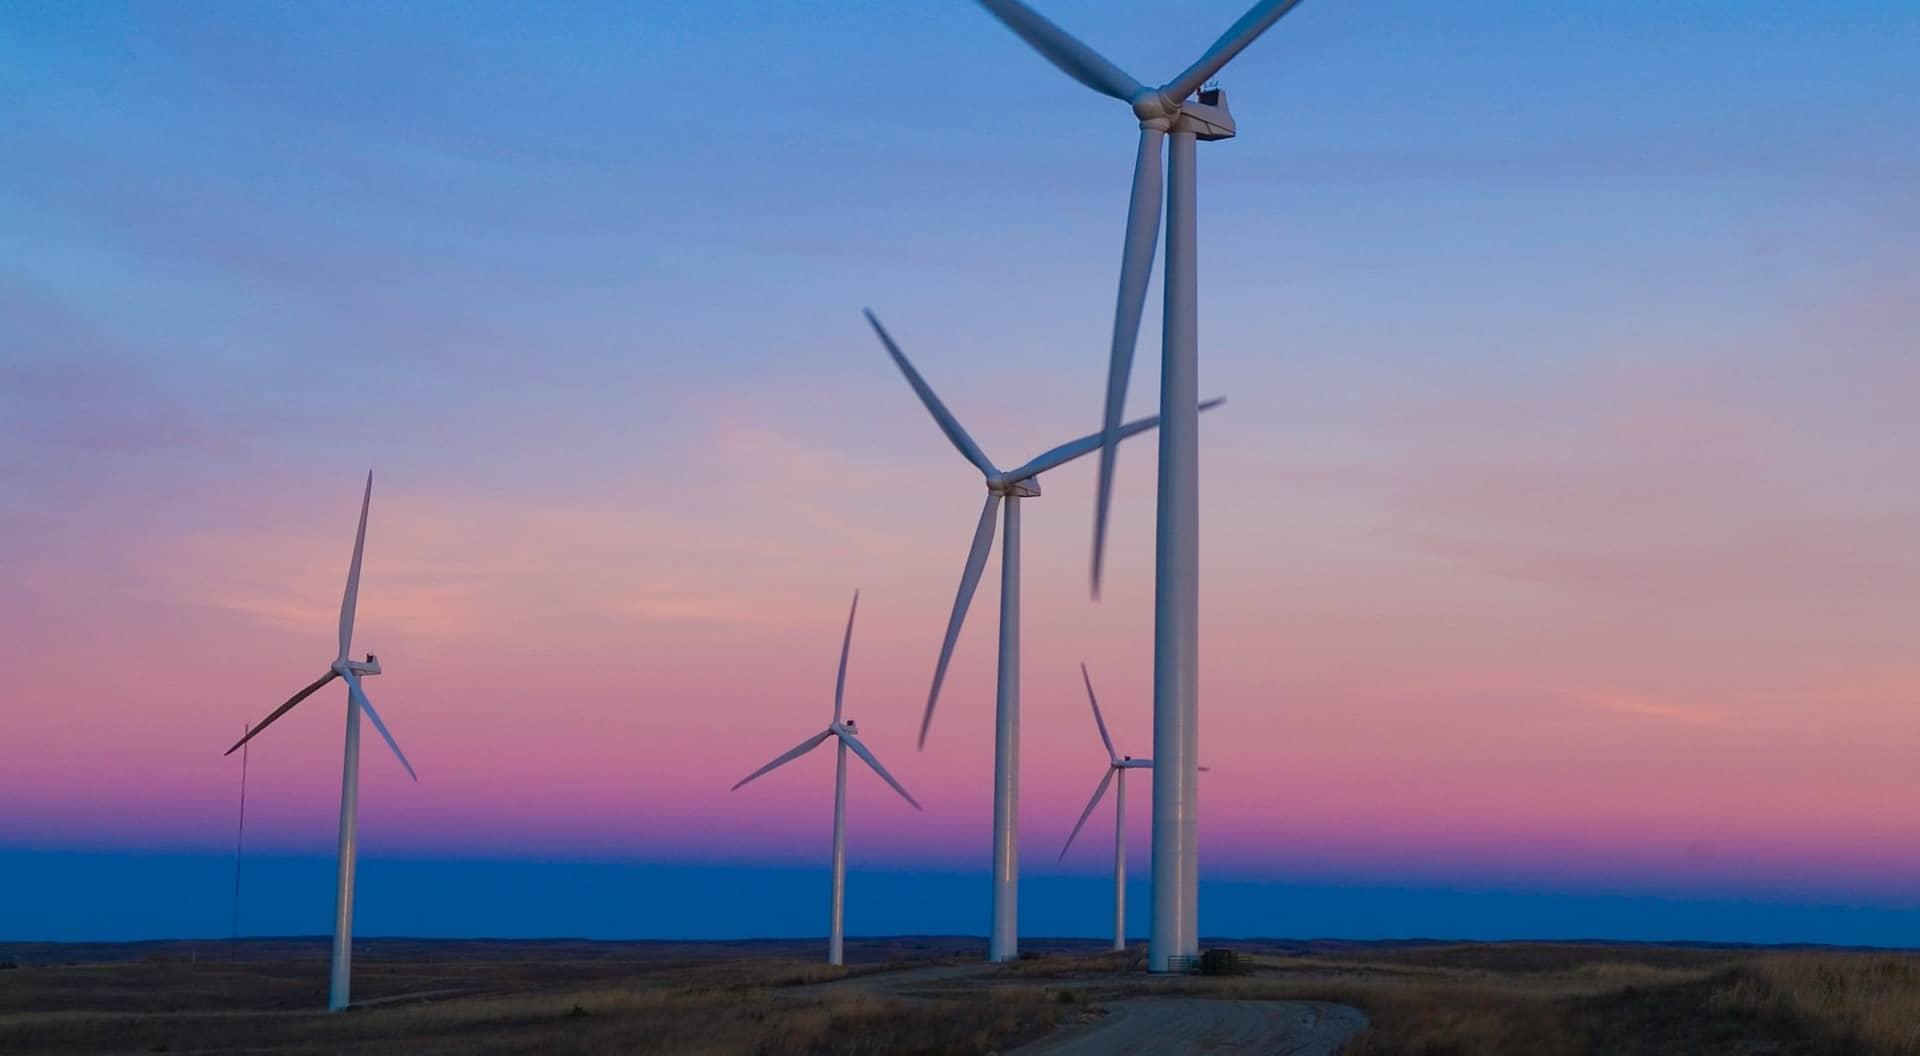 Ein Bild von Windrädern bei Sonnenaufgang